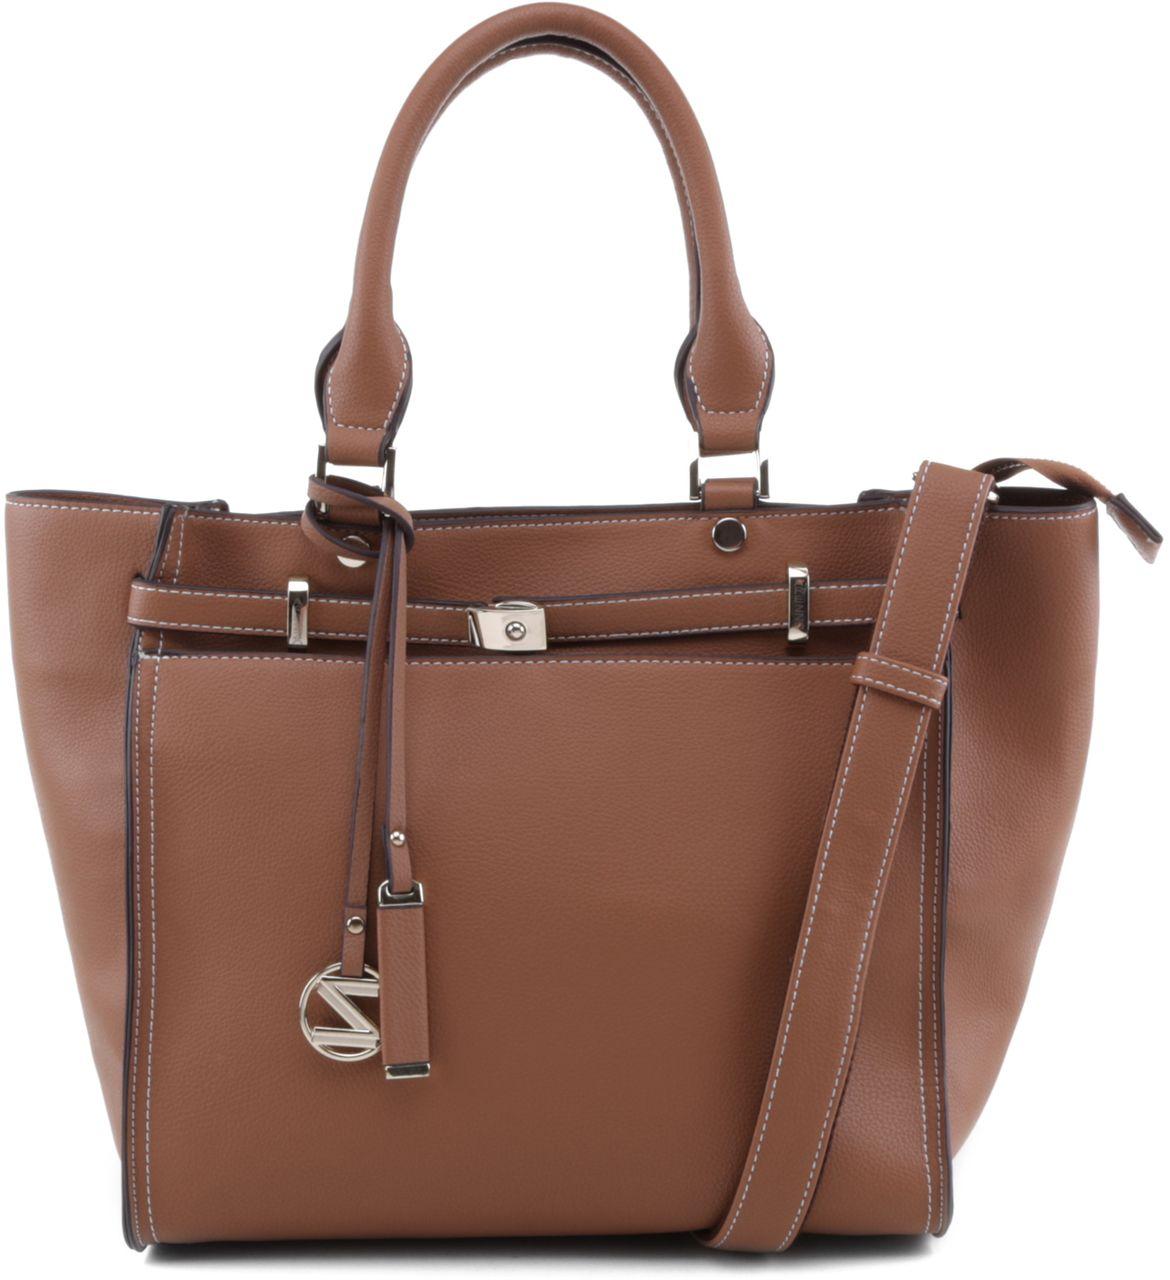 Bolsa De Mão Arezzo : Bolsa tiracolo classic marrom arezzo bolsas